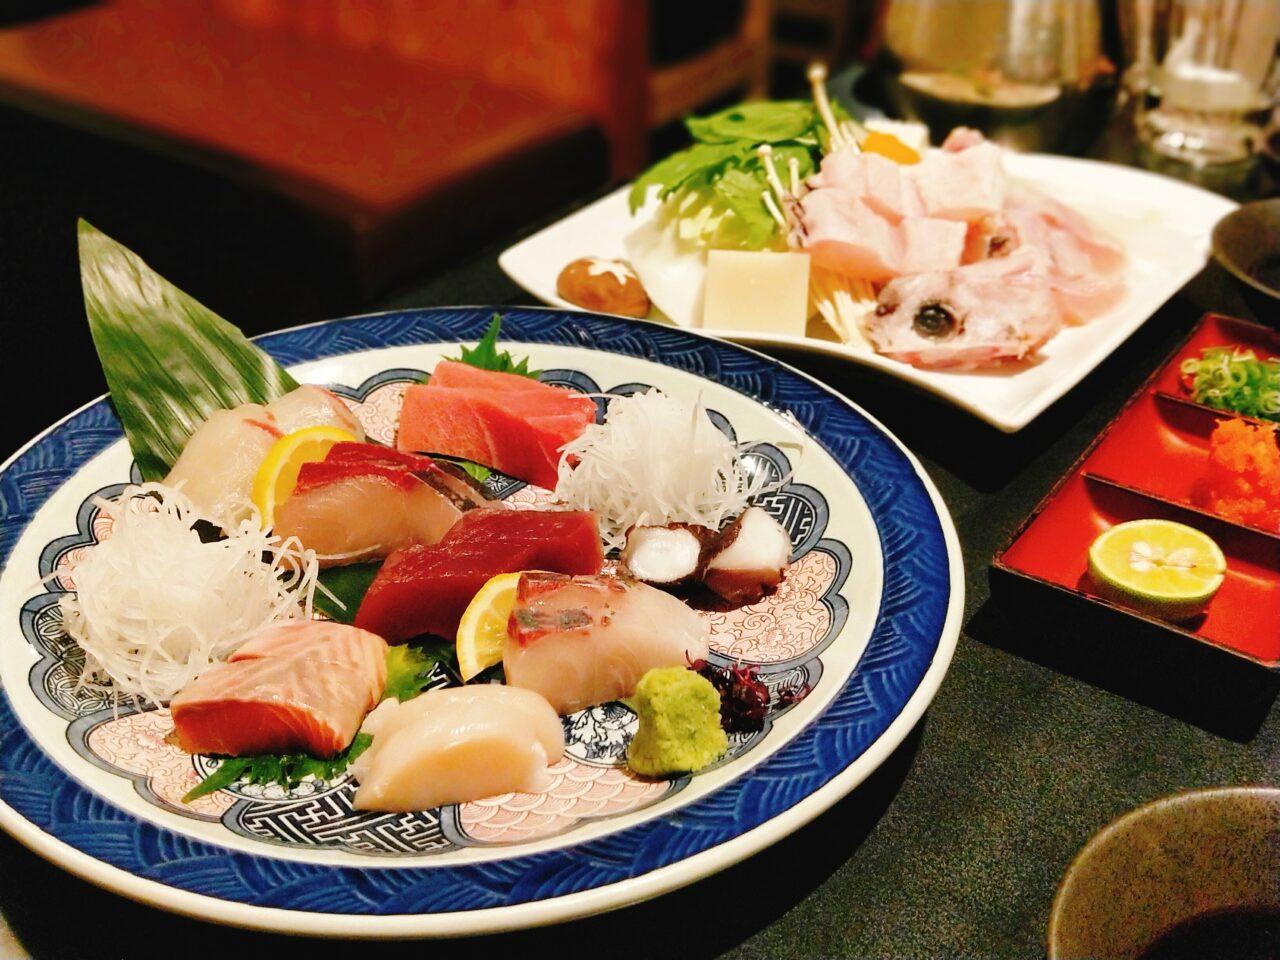 割鮮 吉在門 東通り店(梅田駅・海鮮料理)